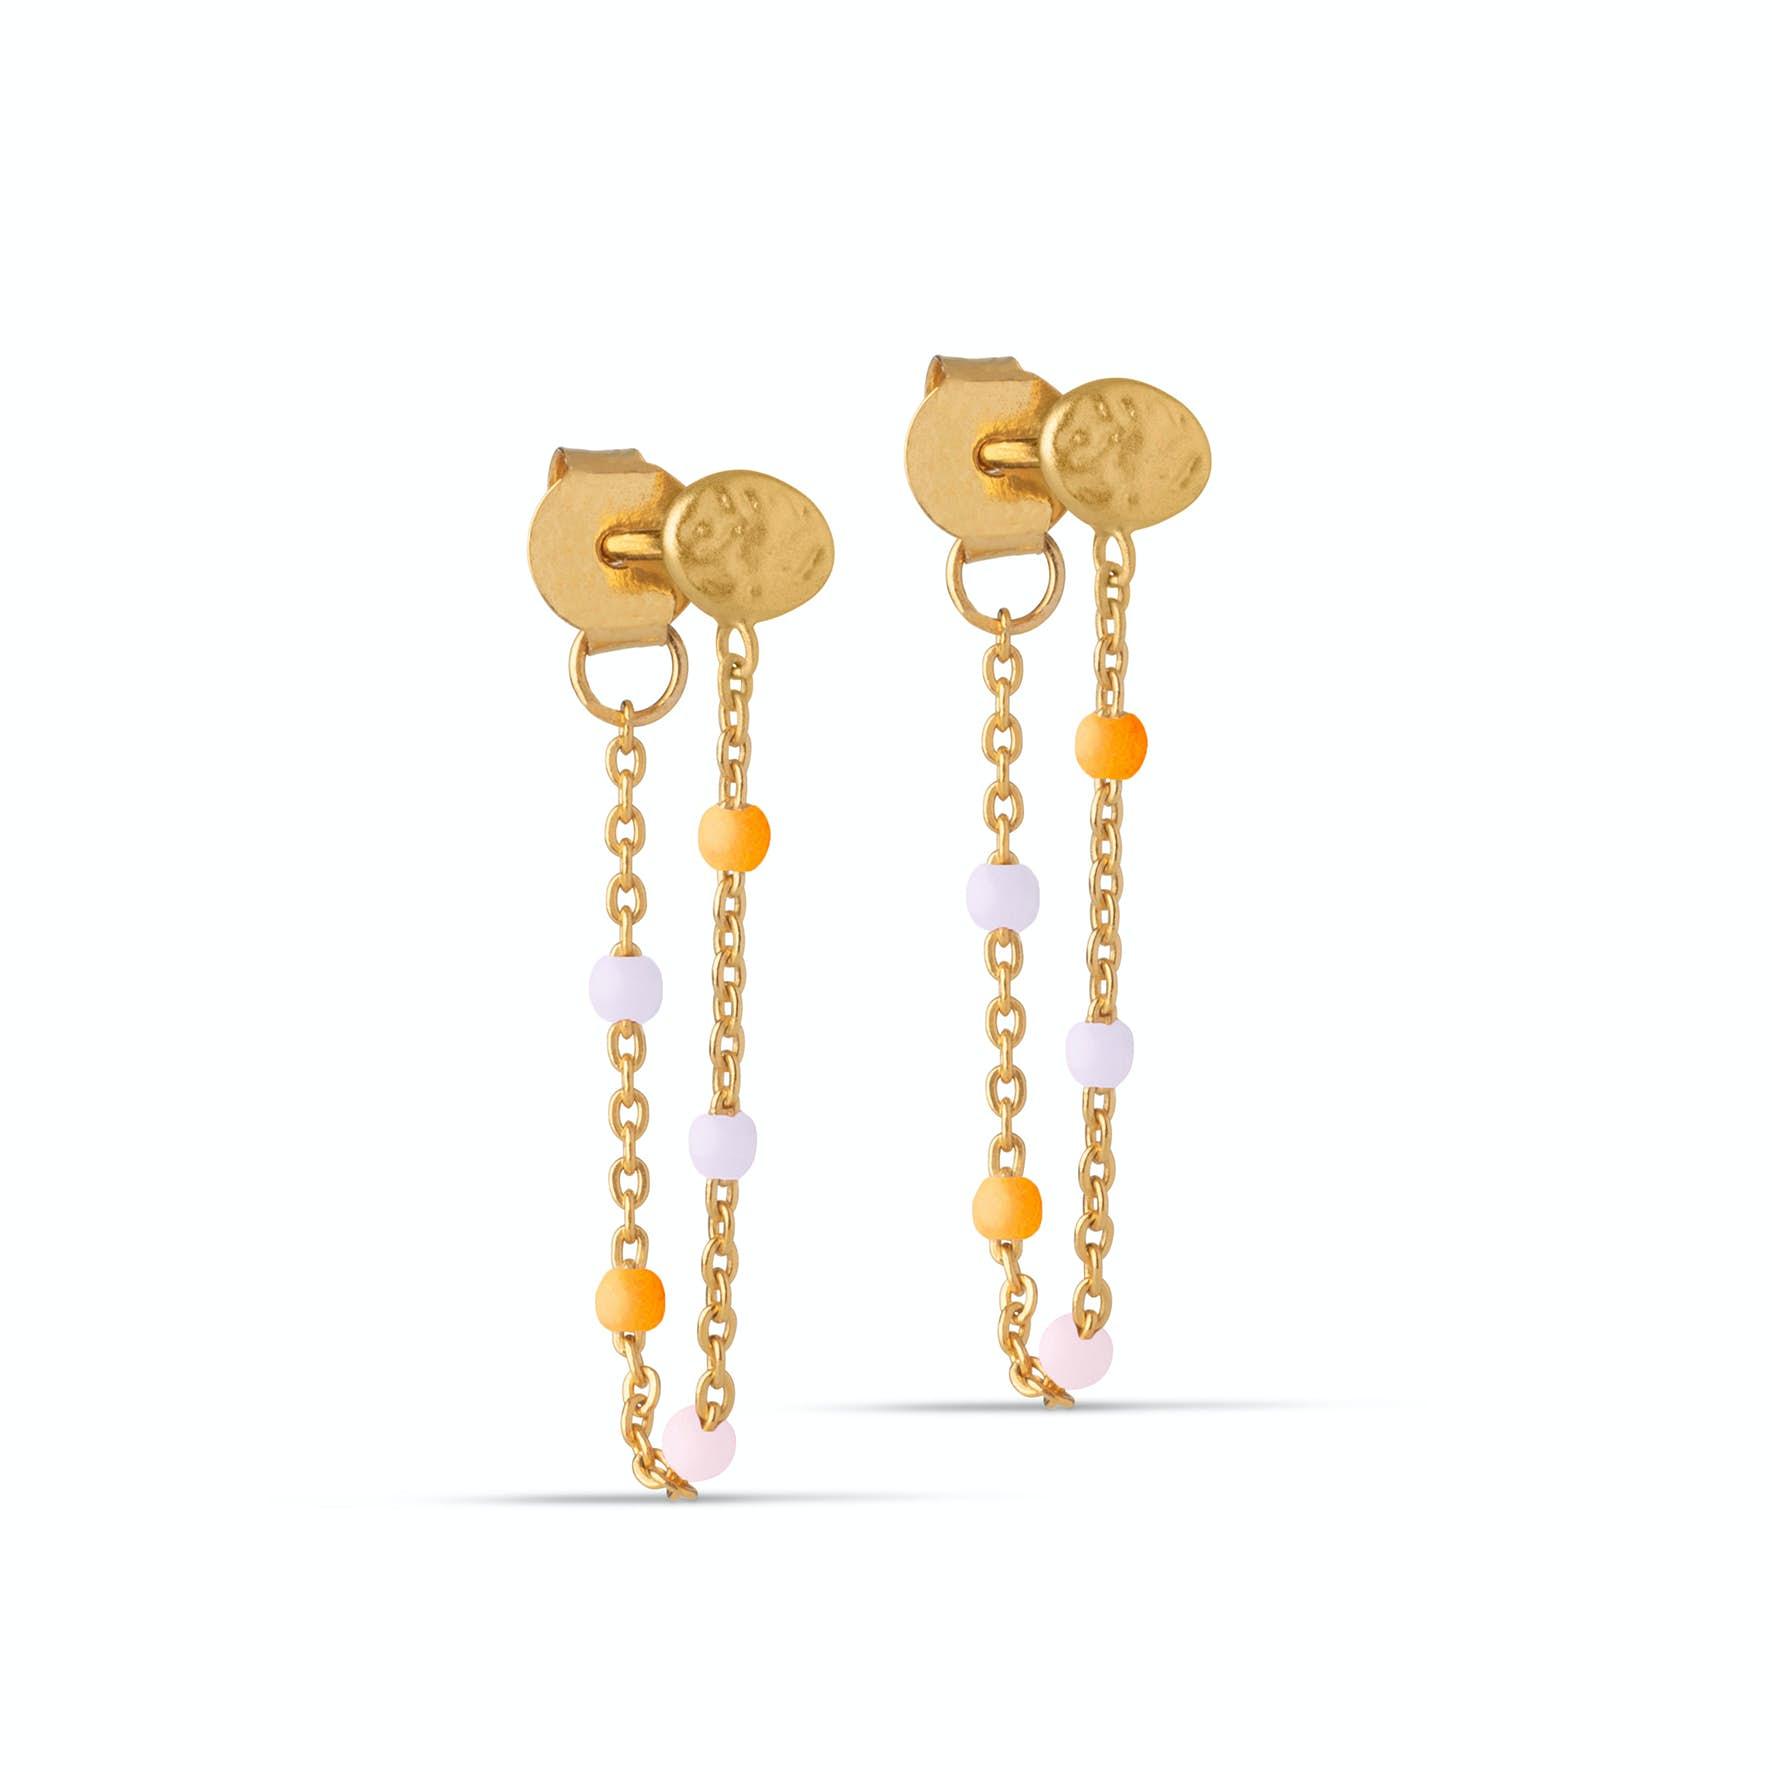 Lola Earrings Heavenly from Enamel Copenhagen in Goldplated-Silver Sterling 925